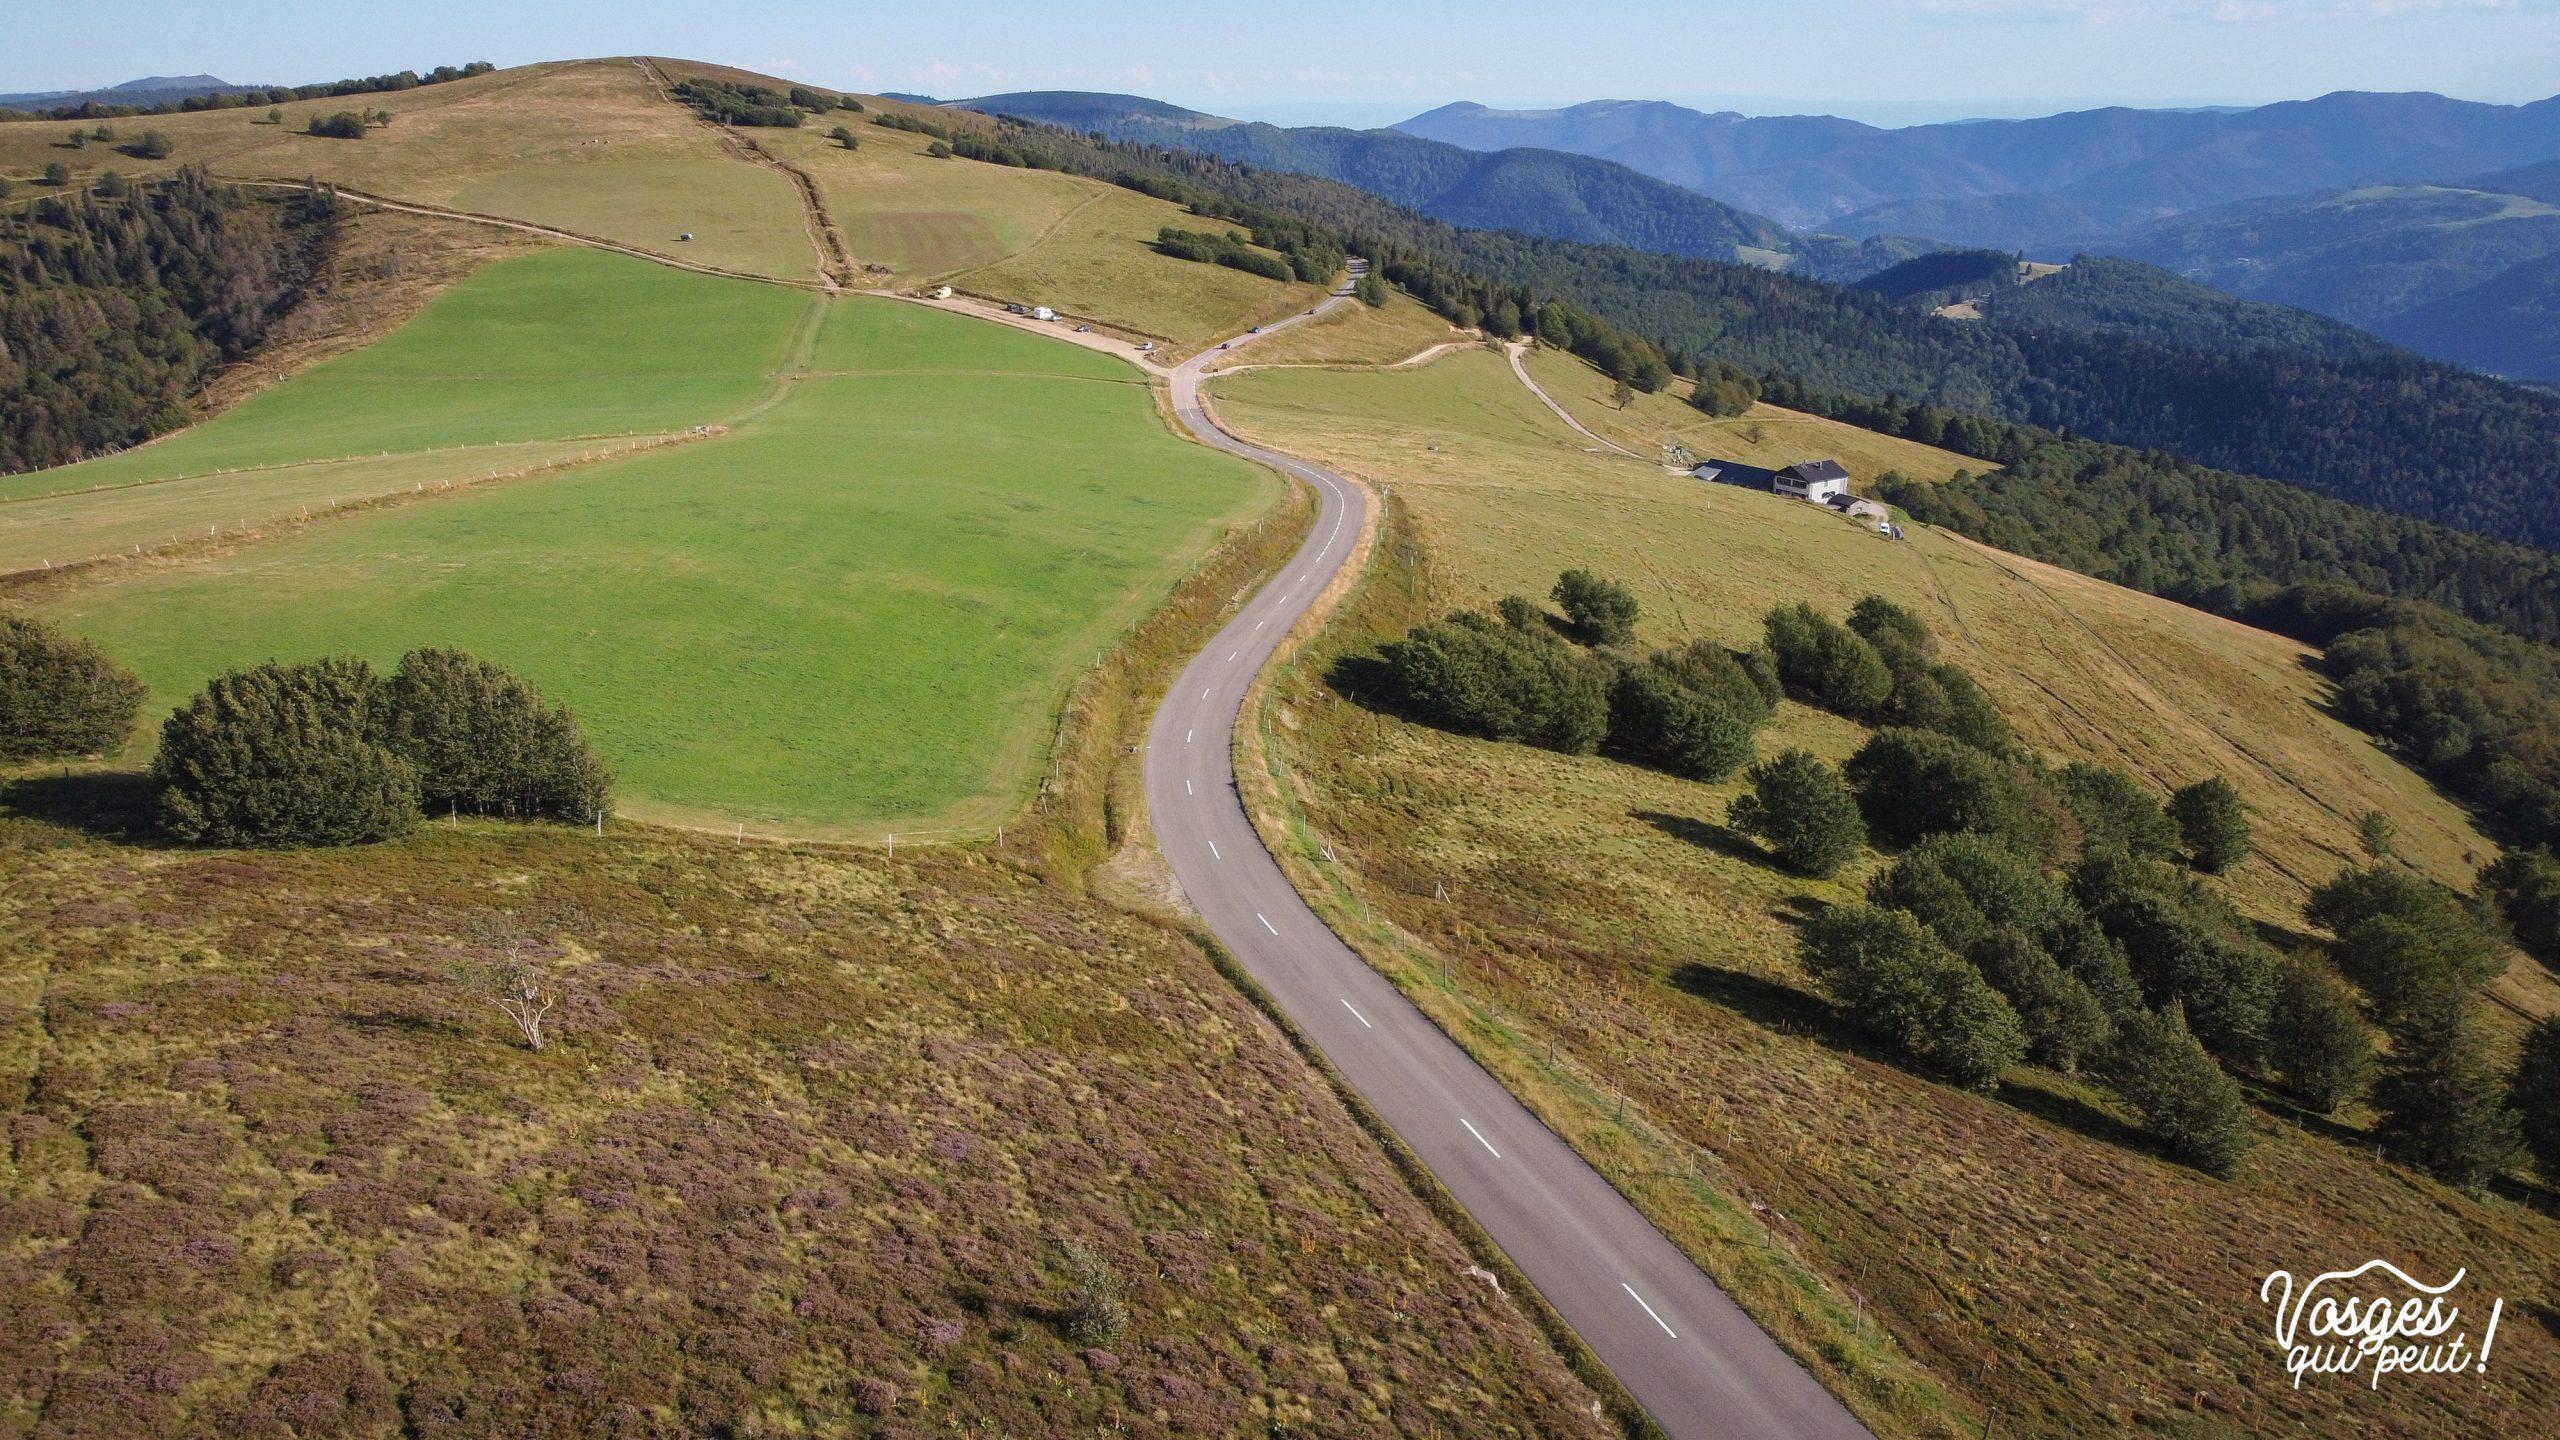 Vue aérienne de la Route des Crêtes dans les Vosges